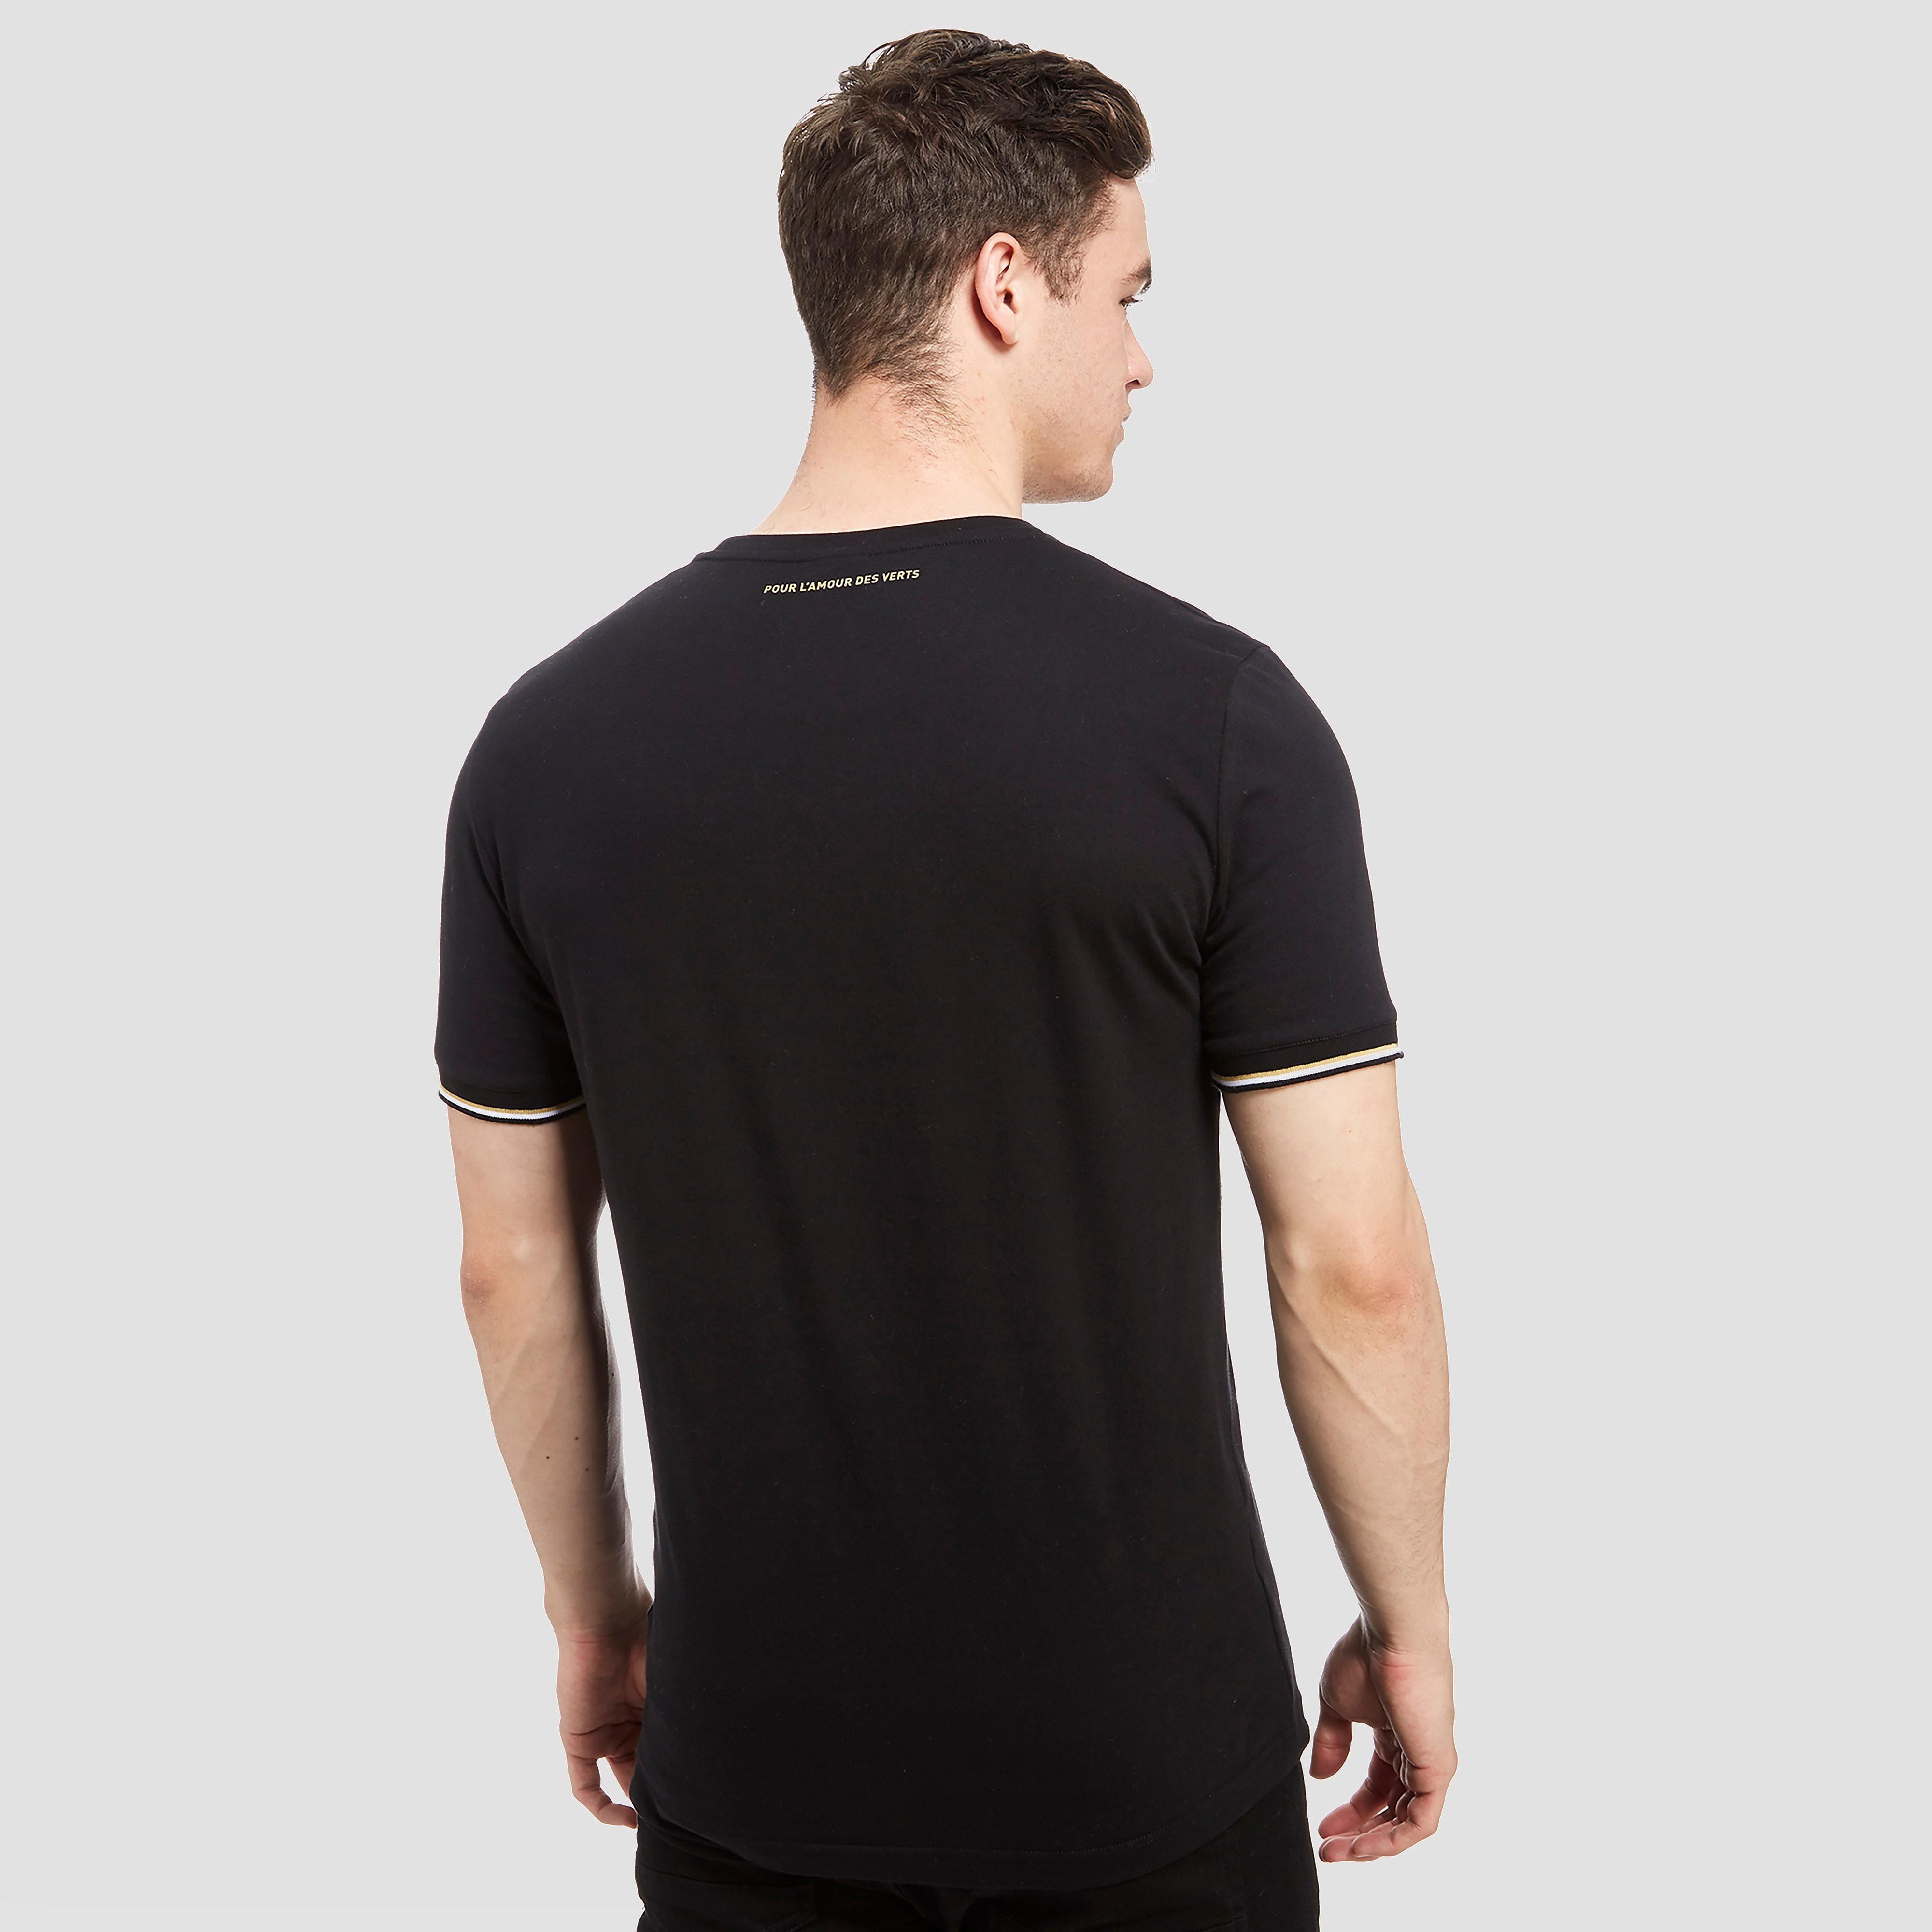 Le Coq Sportif AS Saint Etienne Crest Men's T-Shirt